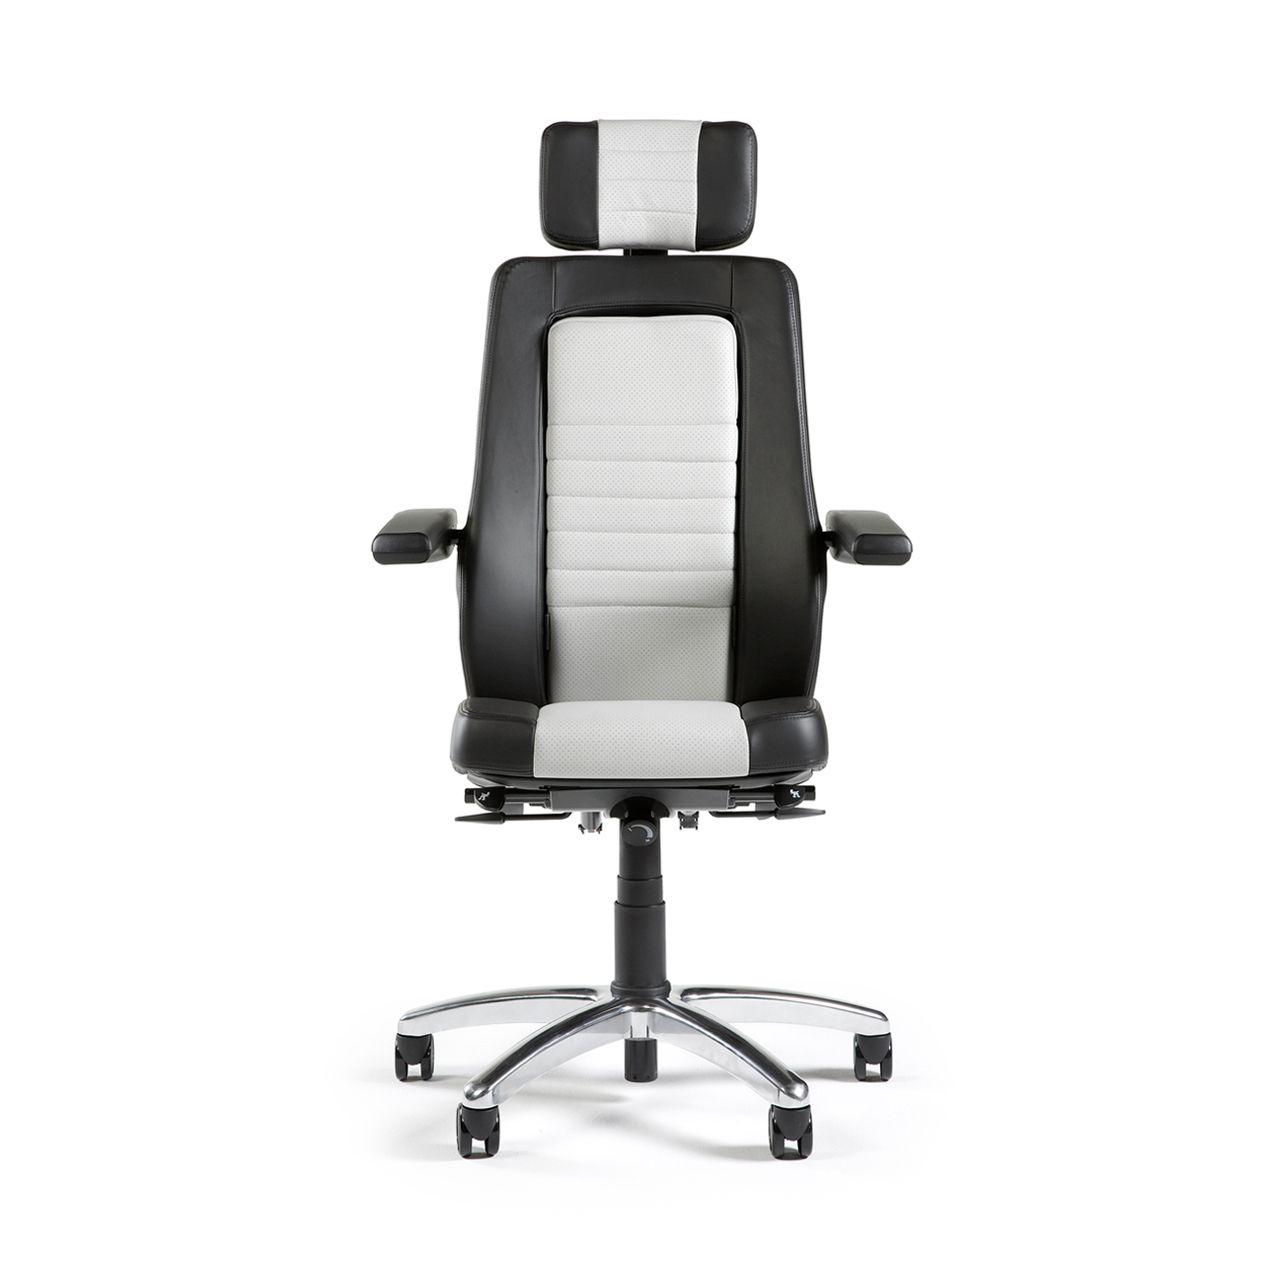 bma axia focus 24 7 bureaustoel grijs STKAAXFOC01 Voorkant